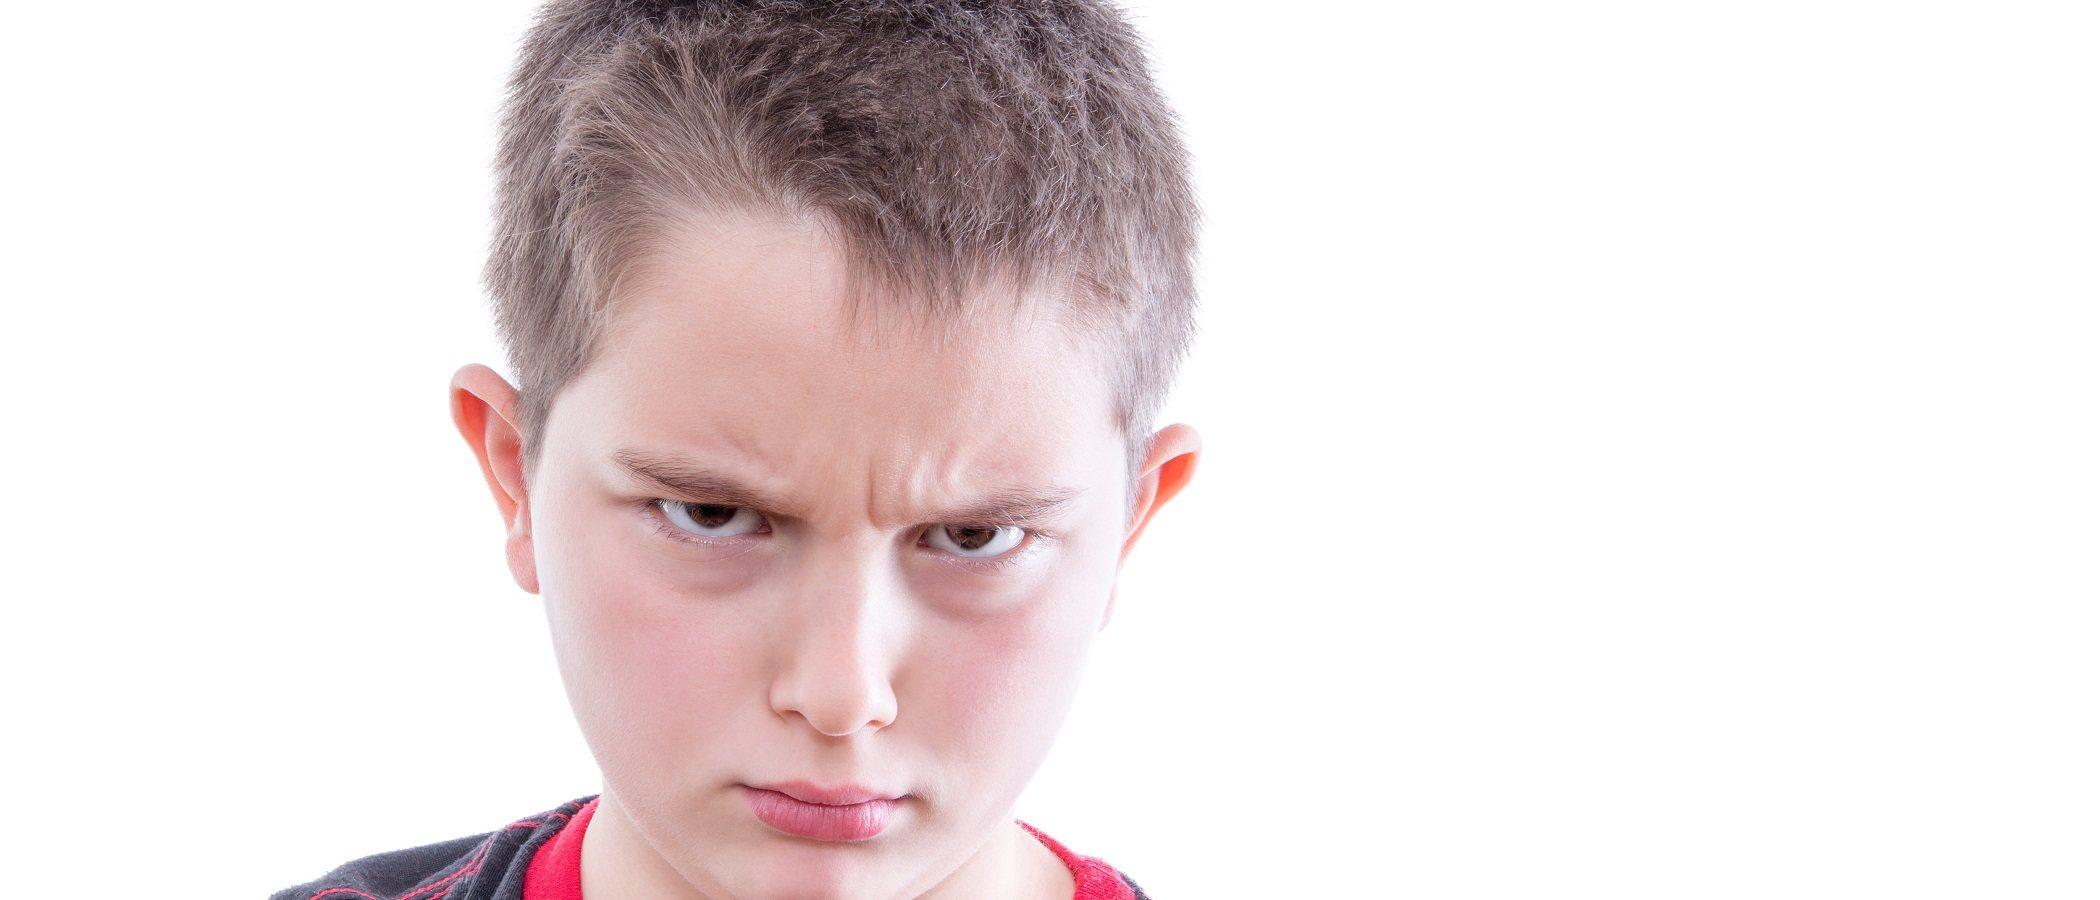 Disciplina efectiva para niños de 11 años